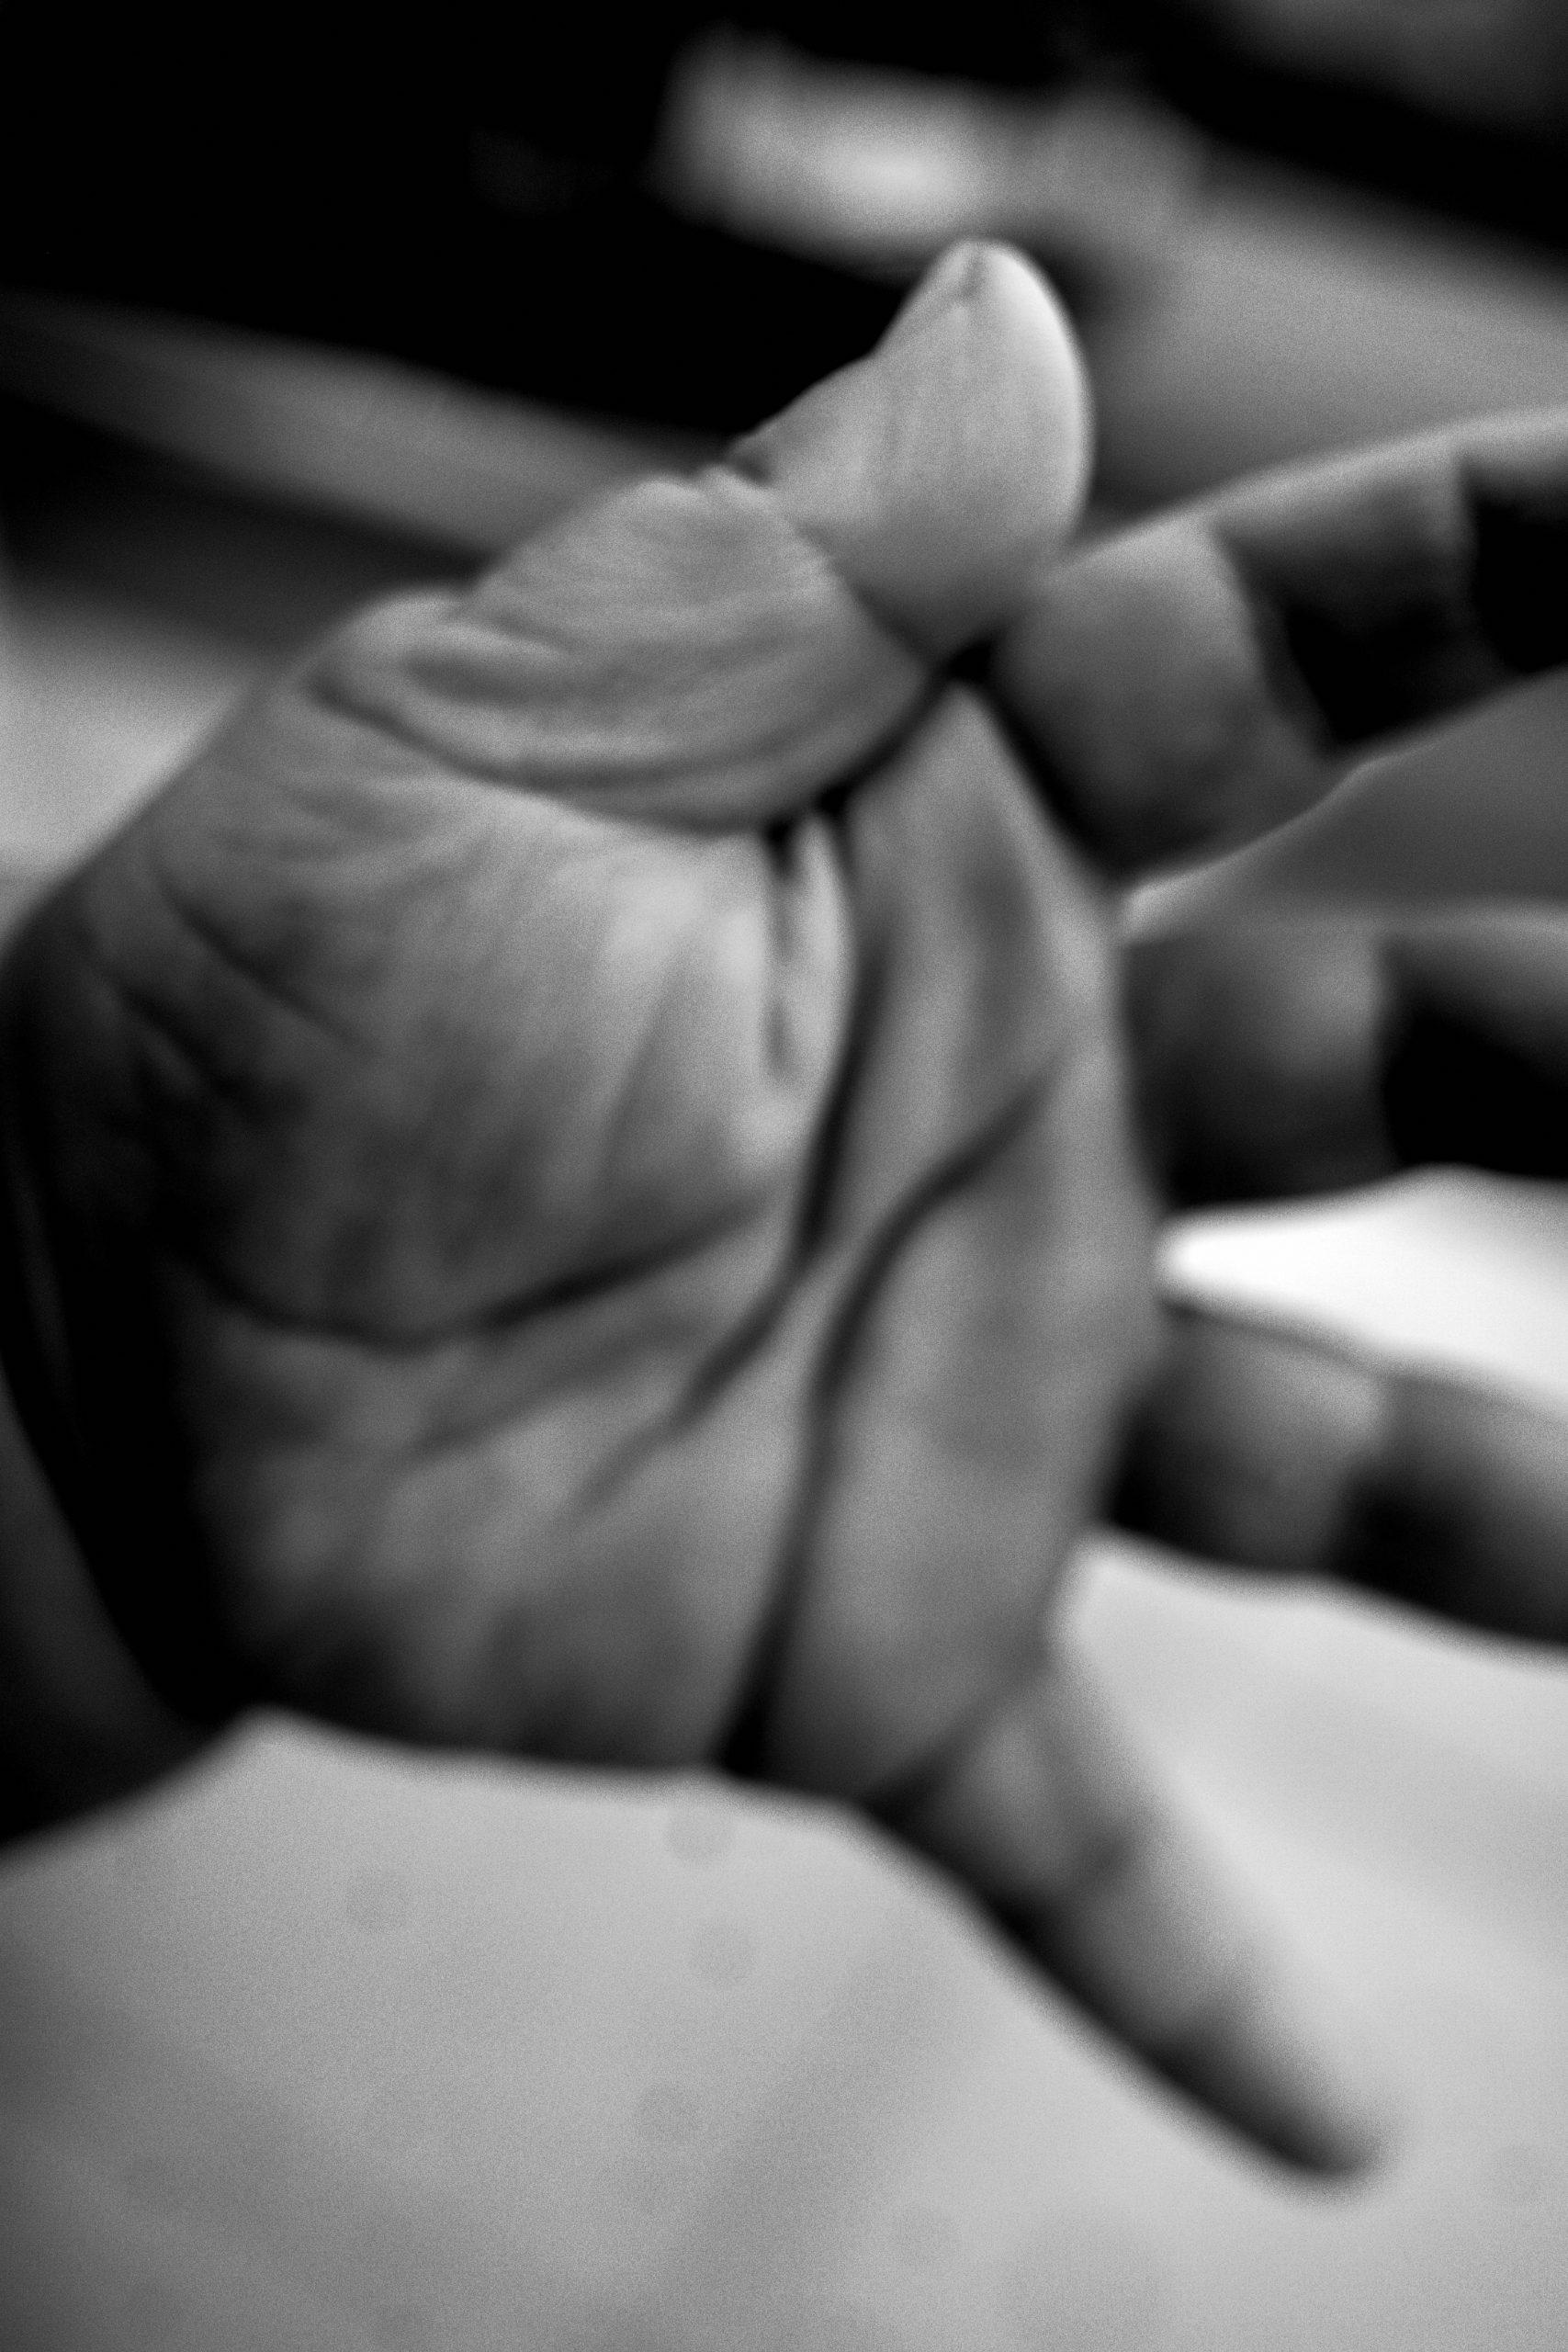 seneca hand